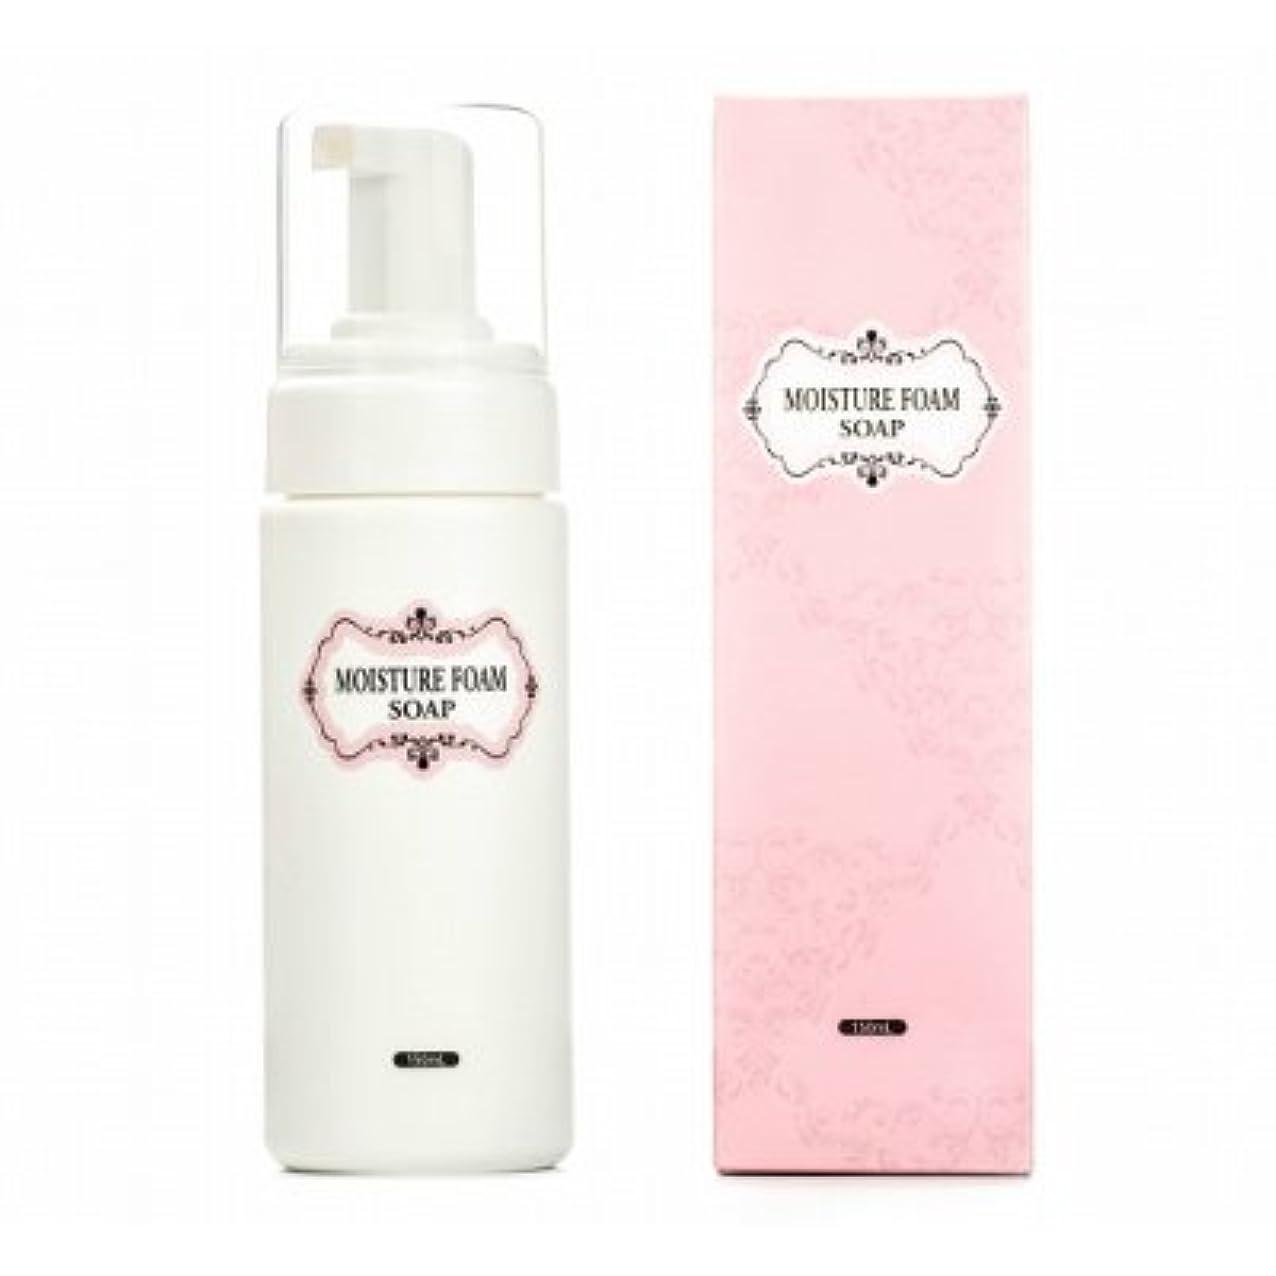 優雅メロディアス磨かれたMOISTURE FOAM SOAP(モイスチャーフォームソープ) 150ml